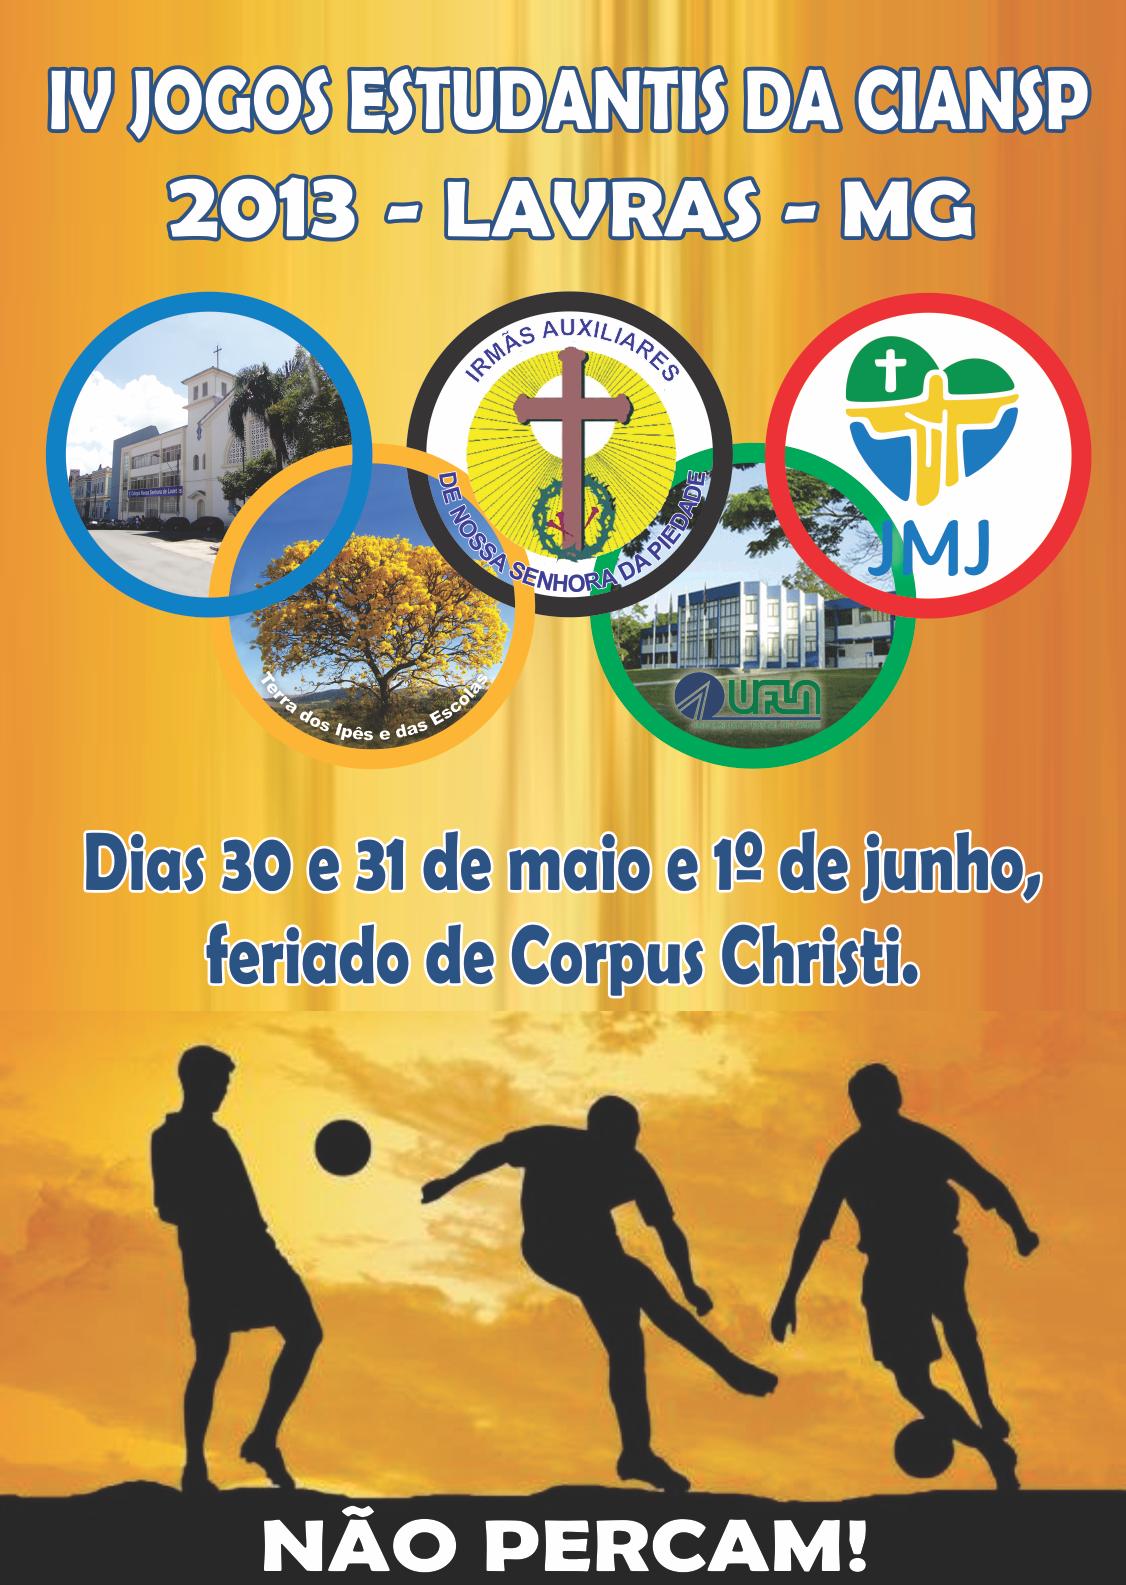 IV Jogos Estudantis da CIANSP